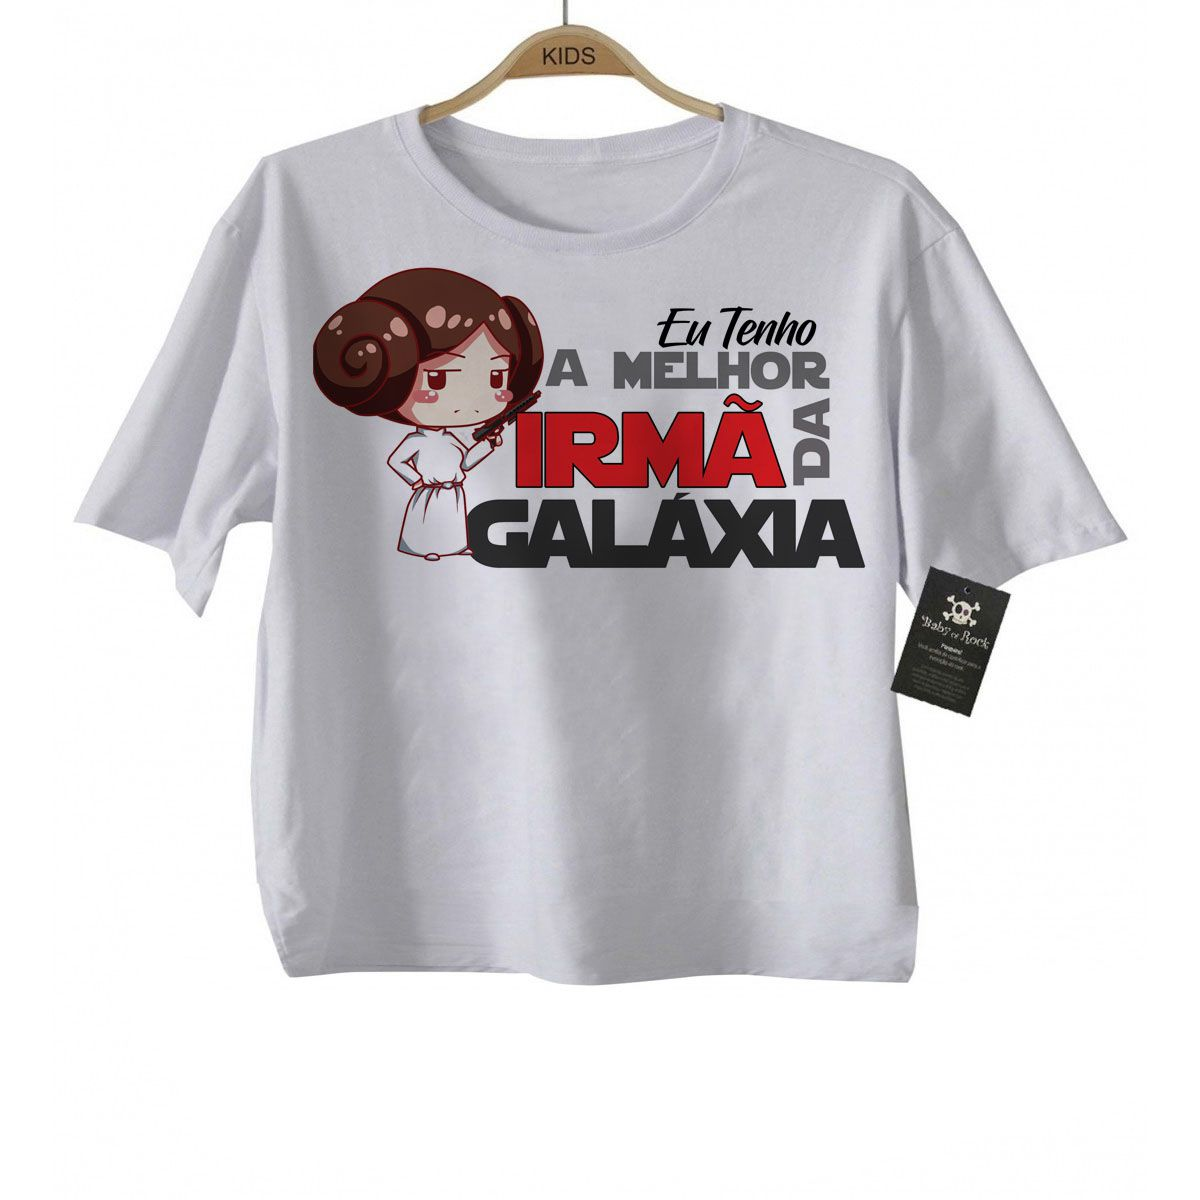 Camiseta  Nerd / Geek  Bebe eu Tenho a melhor Irmã   da Galáxia - White  - Baby Monster - Body Bebe